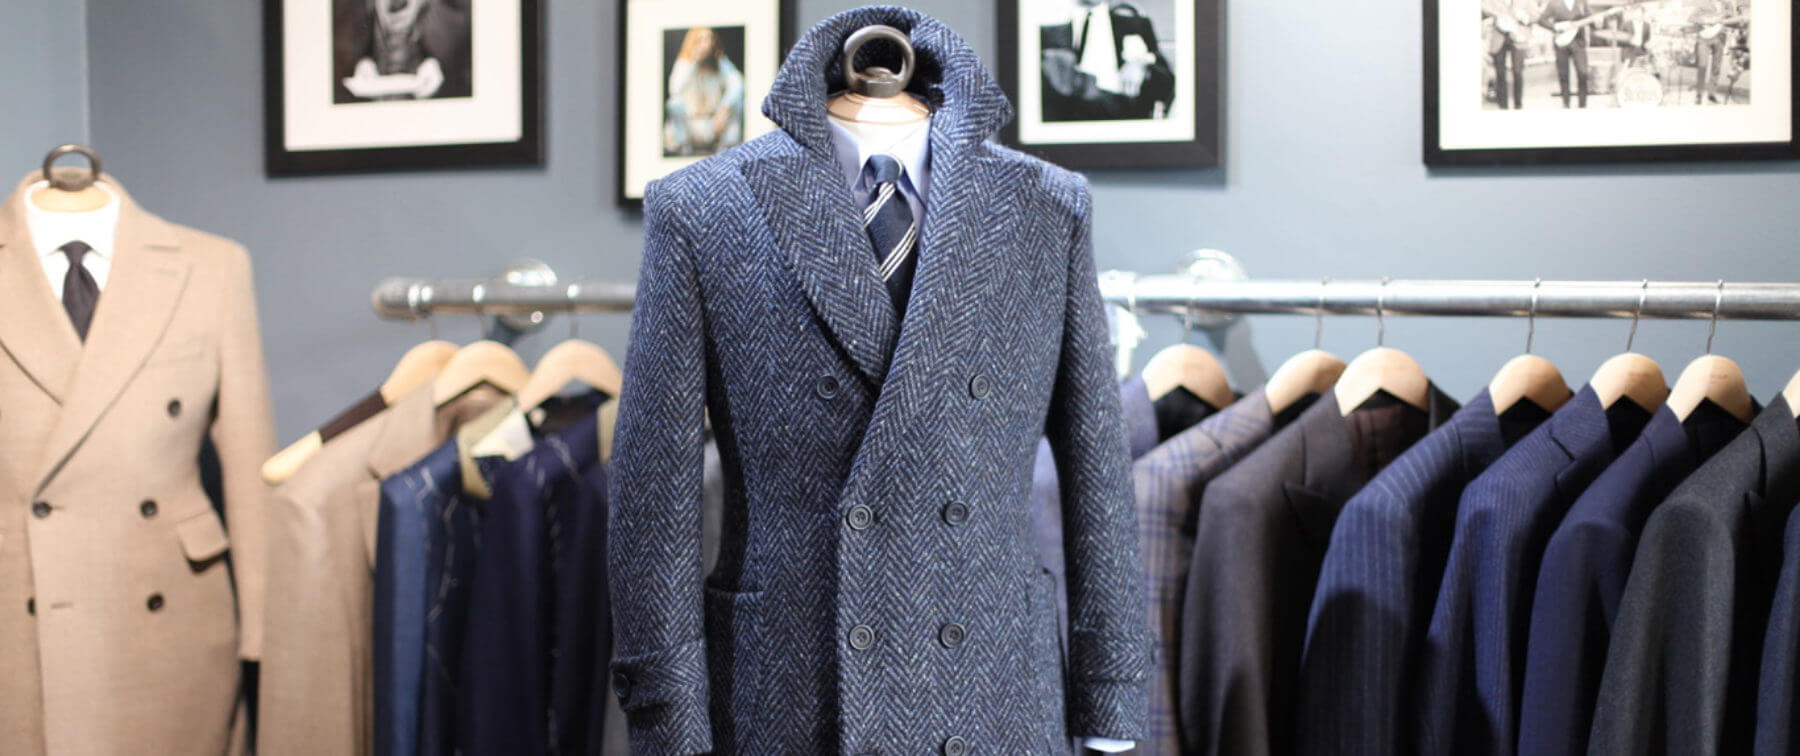 Cà vạt kết hợp cùng áo khoác mangto